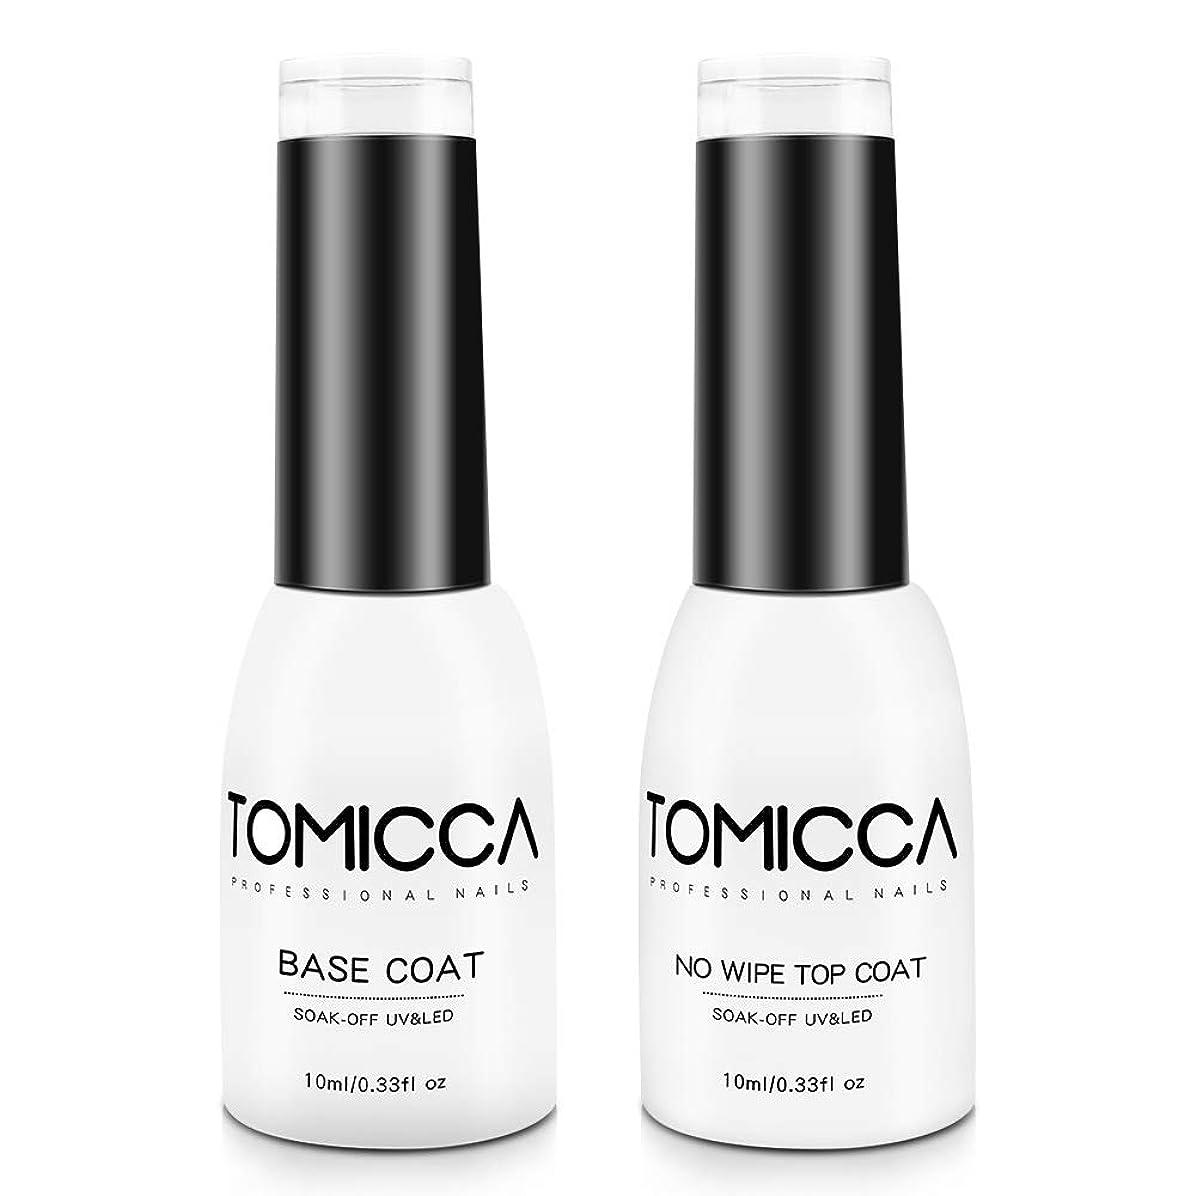 リラックスした正直状況TOMICCA ジェルネイル ベースコート トップコート 10ml 2本セット 拭き取り不要 UV/LED対応 大容量